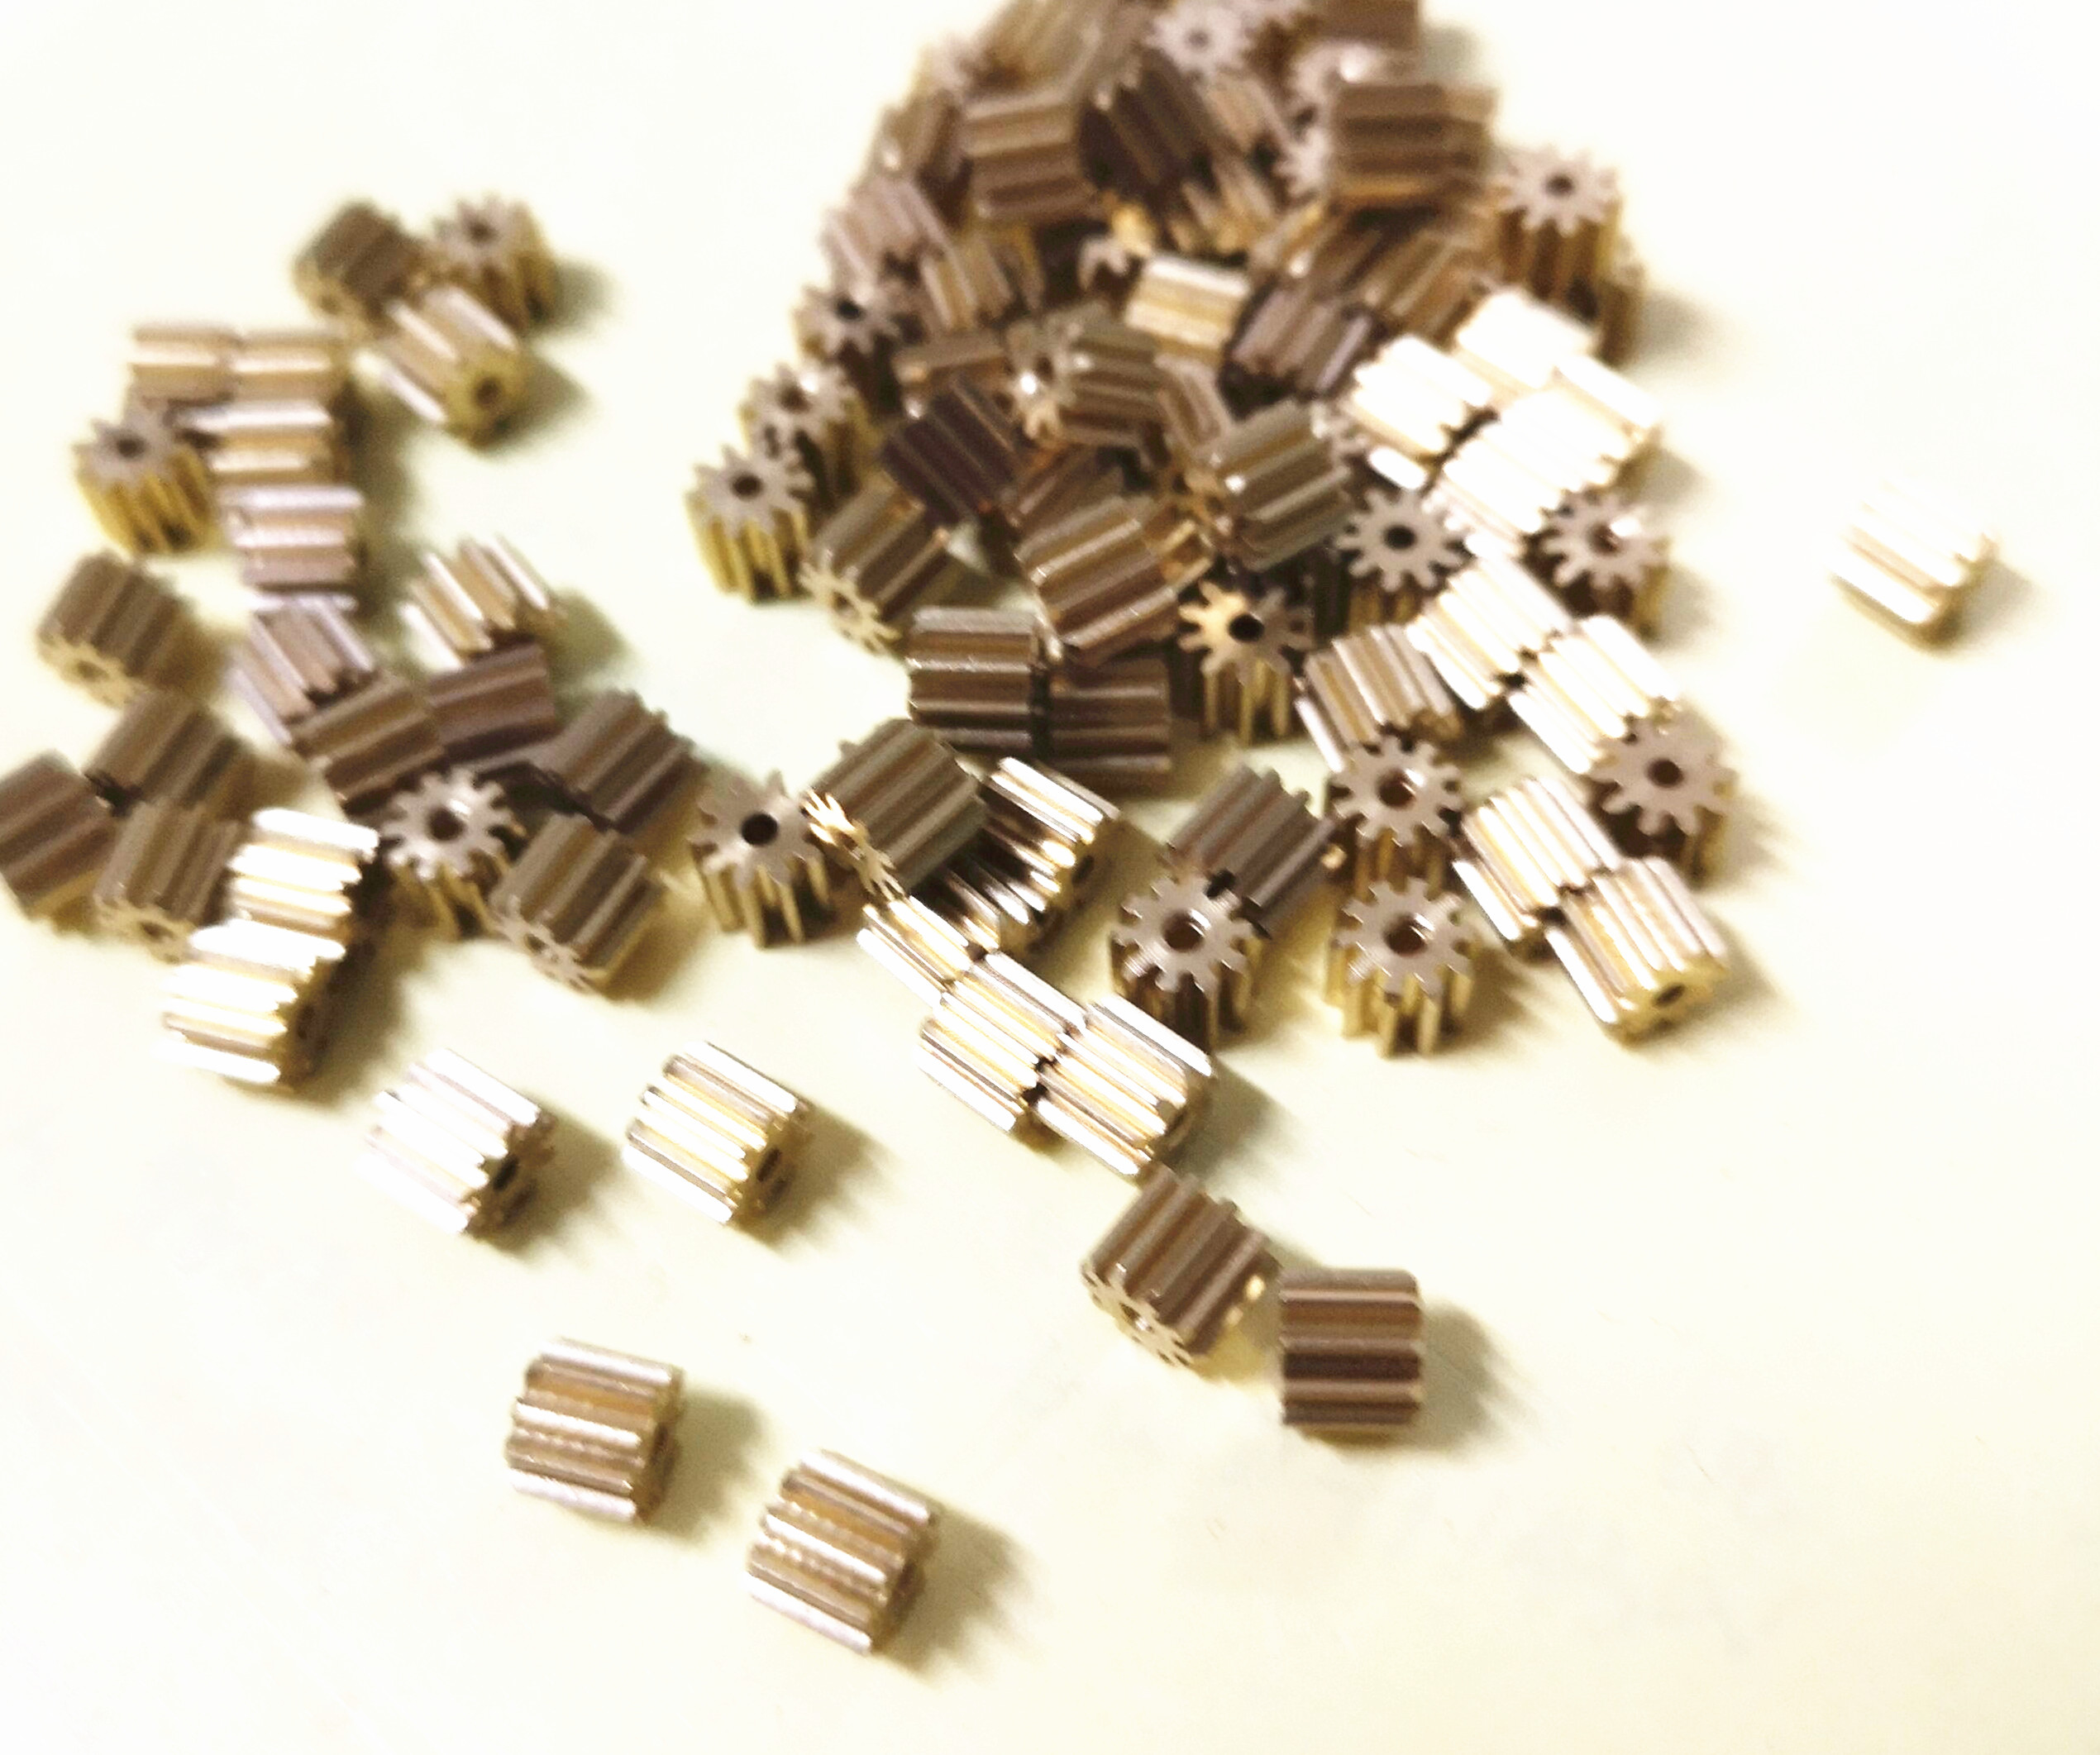 10PCS 0.5M 10T Copper Gear Internal Hole For 1.5 2 3 3.175 Mm Small Module Gear